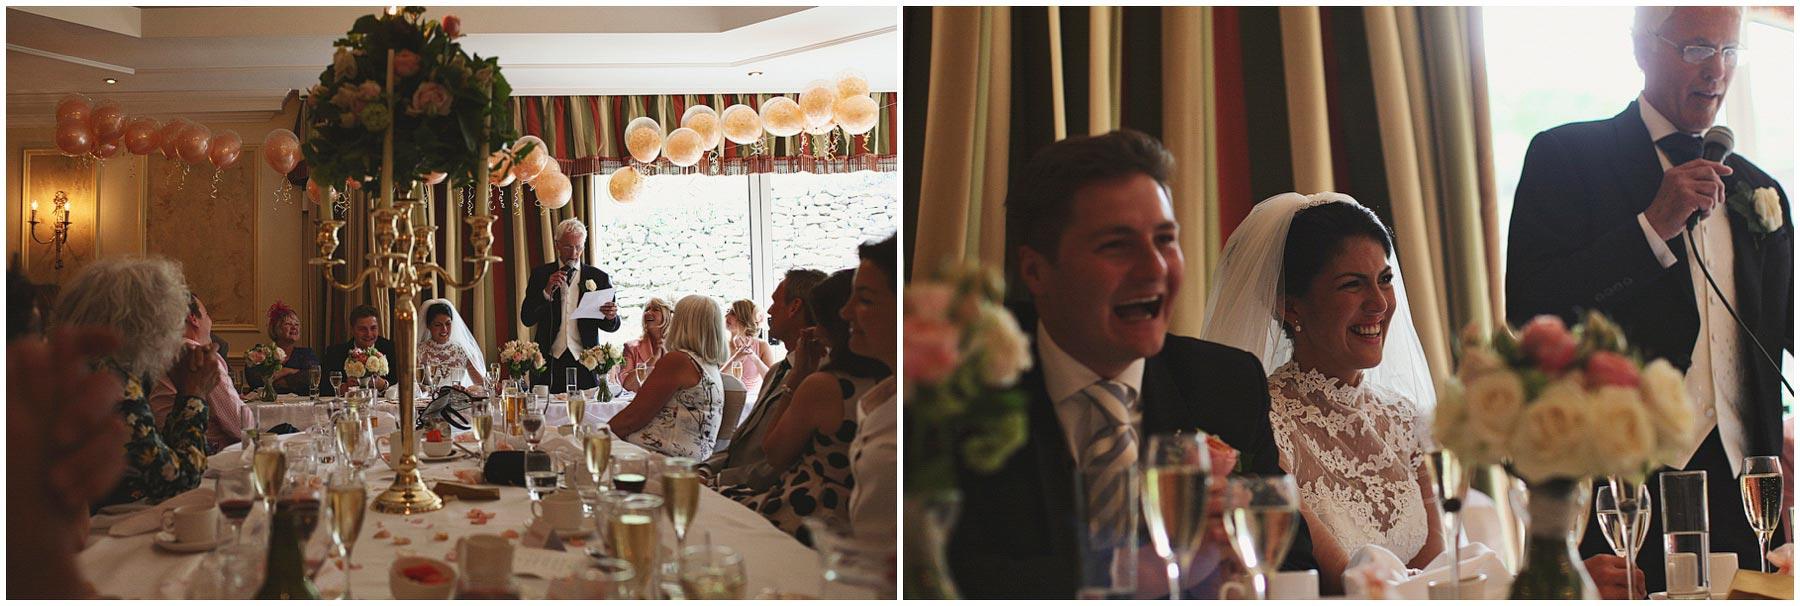 Wentbridge-House-Wedding-Photography-106